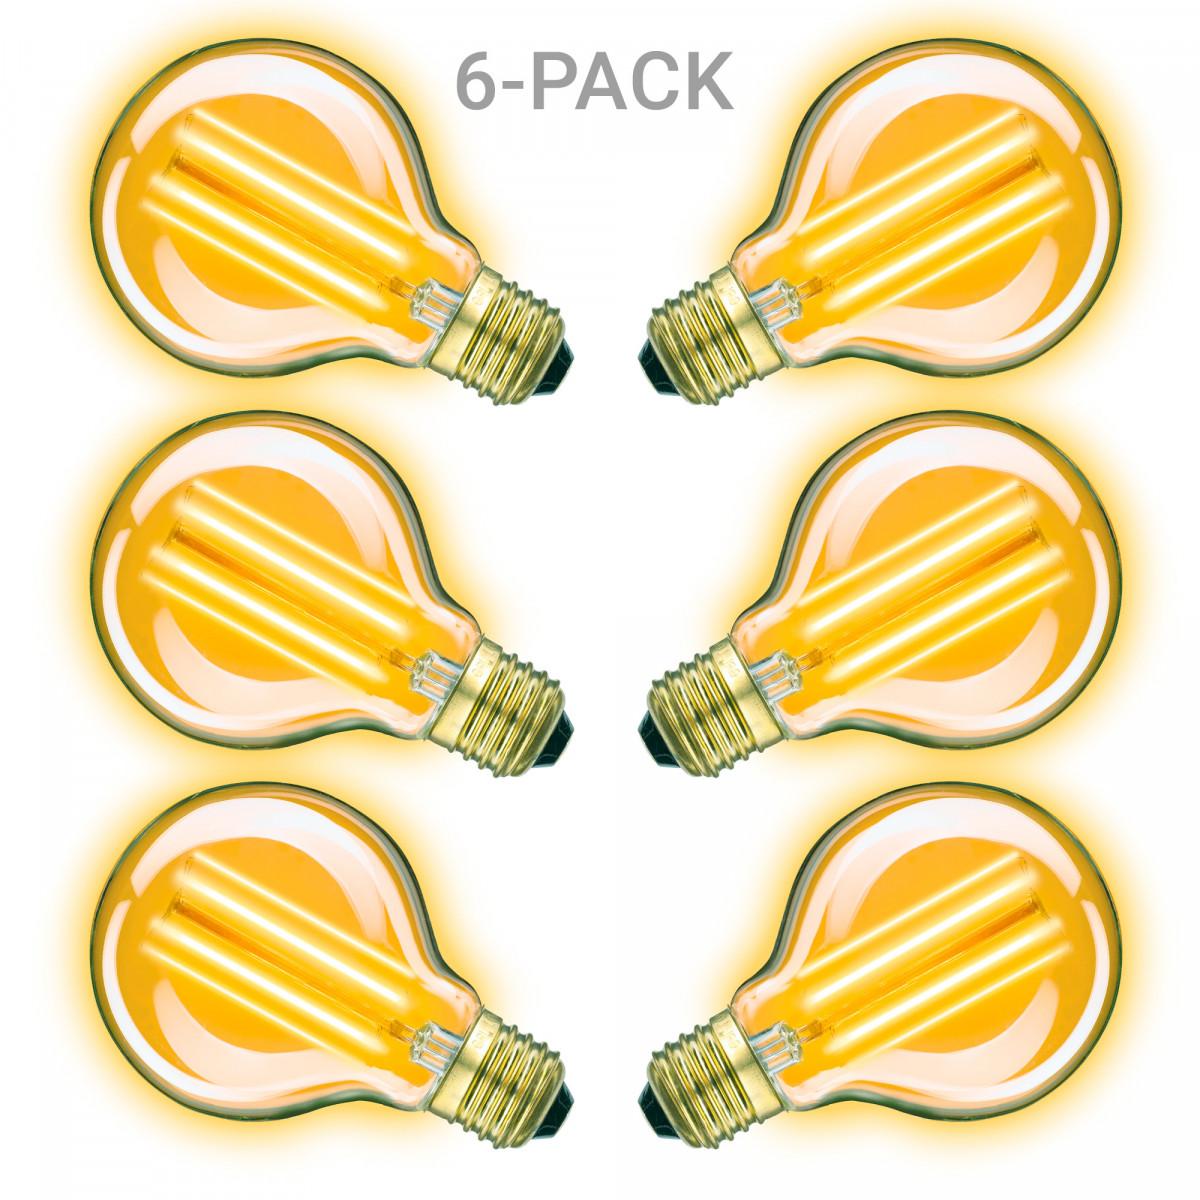 Ledlampen - lichtbronnen - aanbieding 6-pack Classic Gold rond ledlamp